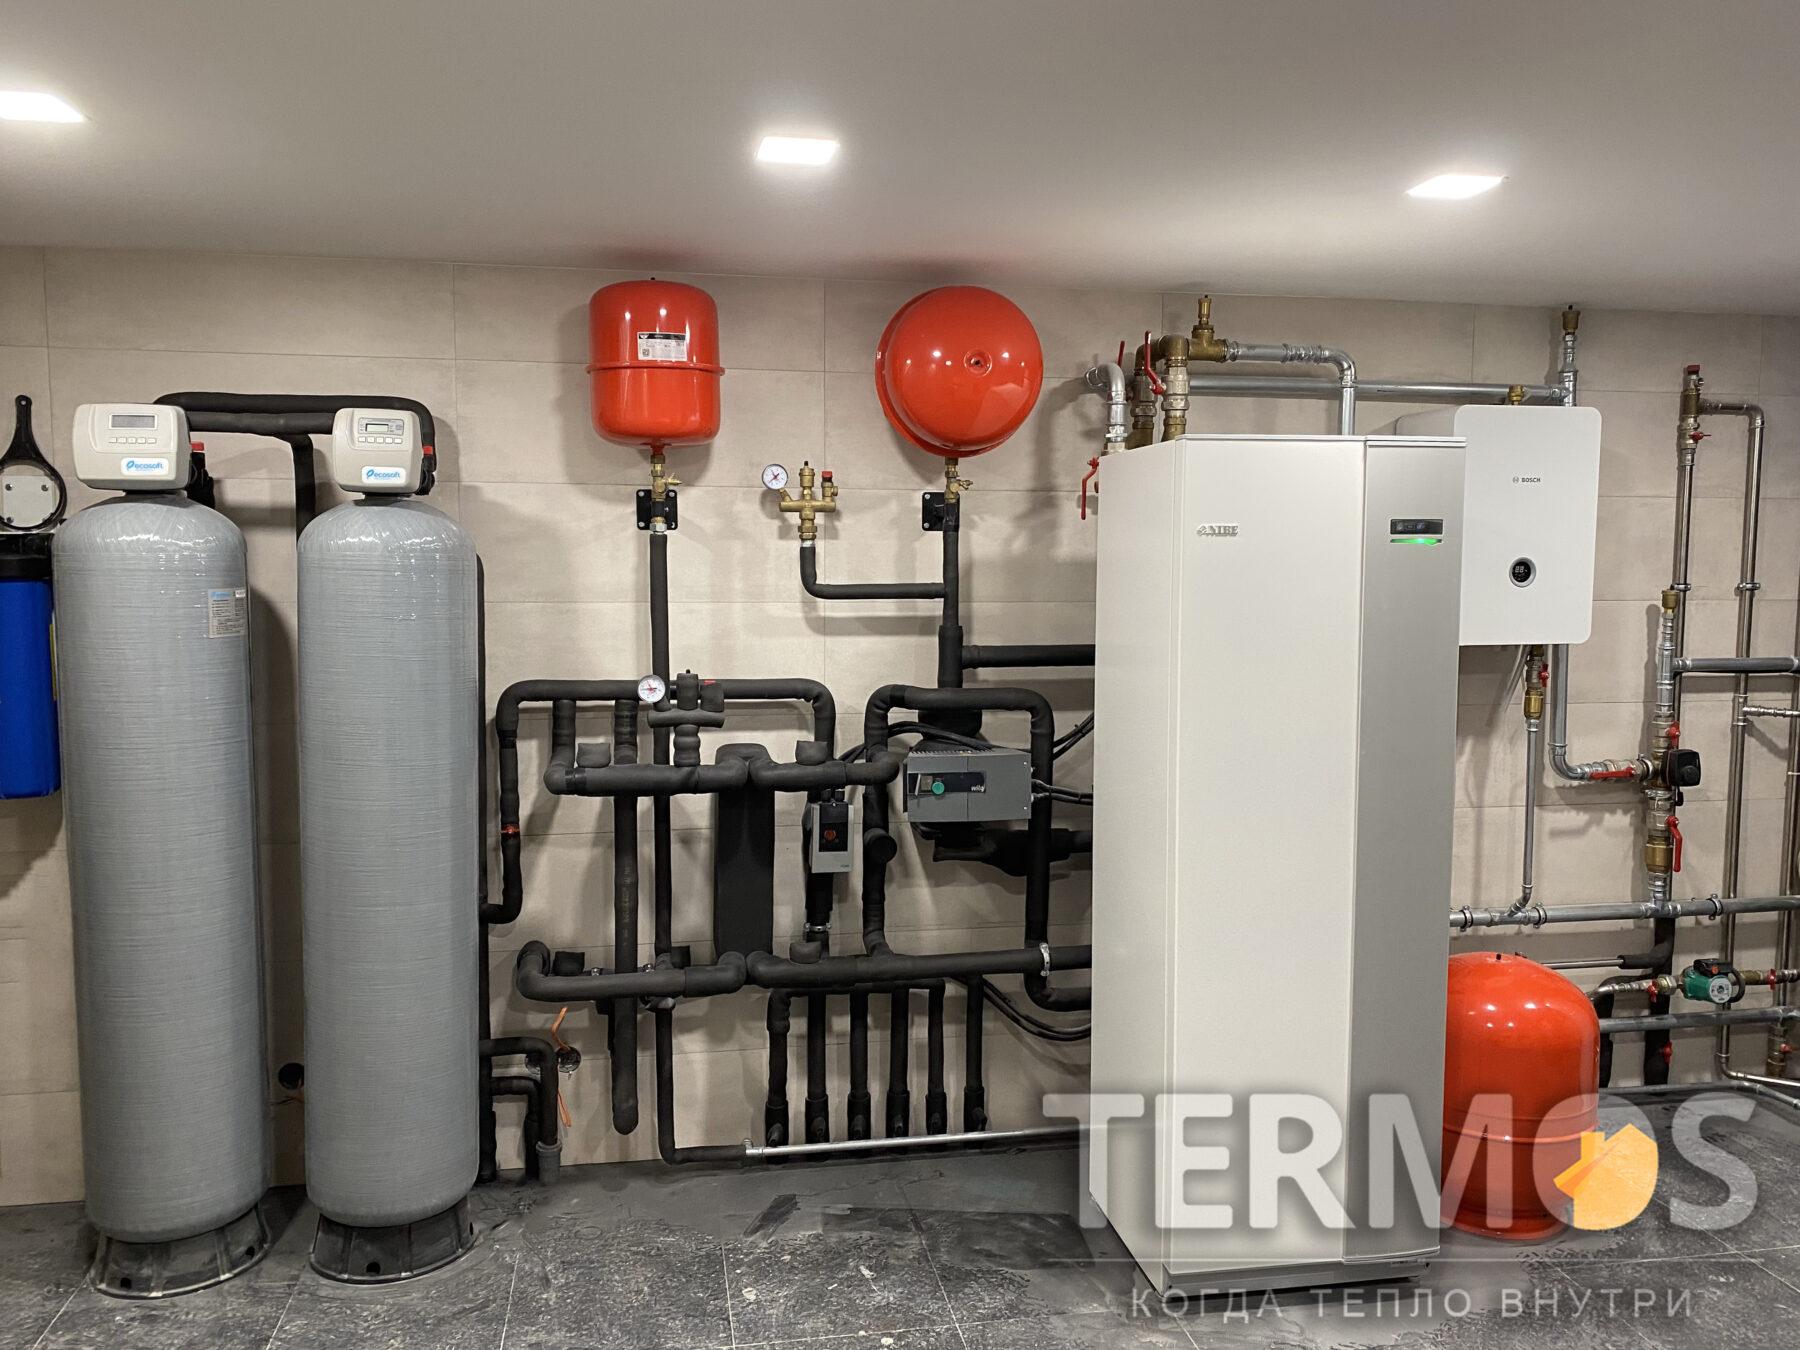 Функции: отопление теплыми полами и внутрипольными конвекторами, горячее водоснабжение, нагрев бассейна, охлаждение холодными потолками летом